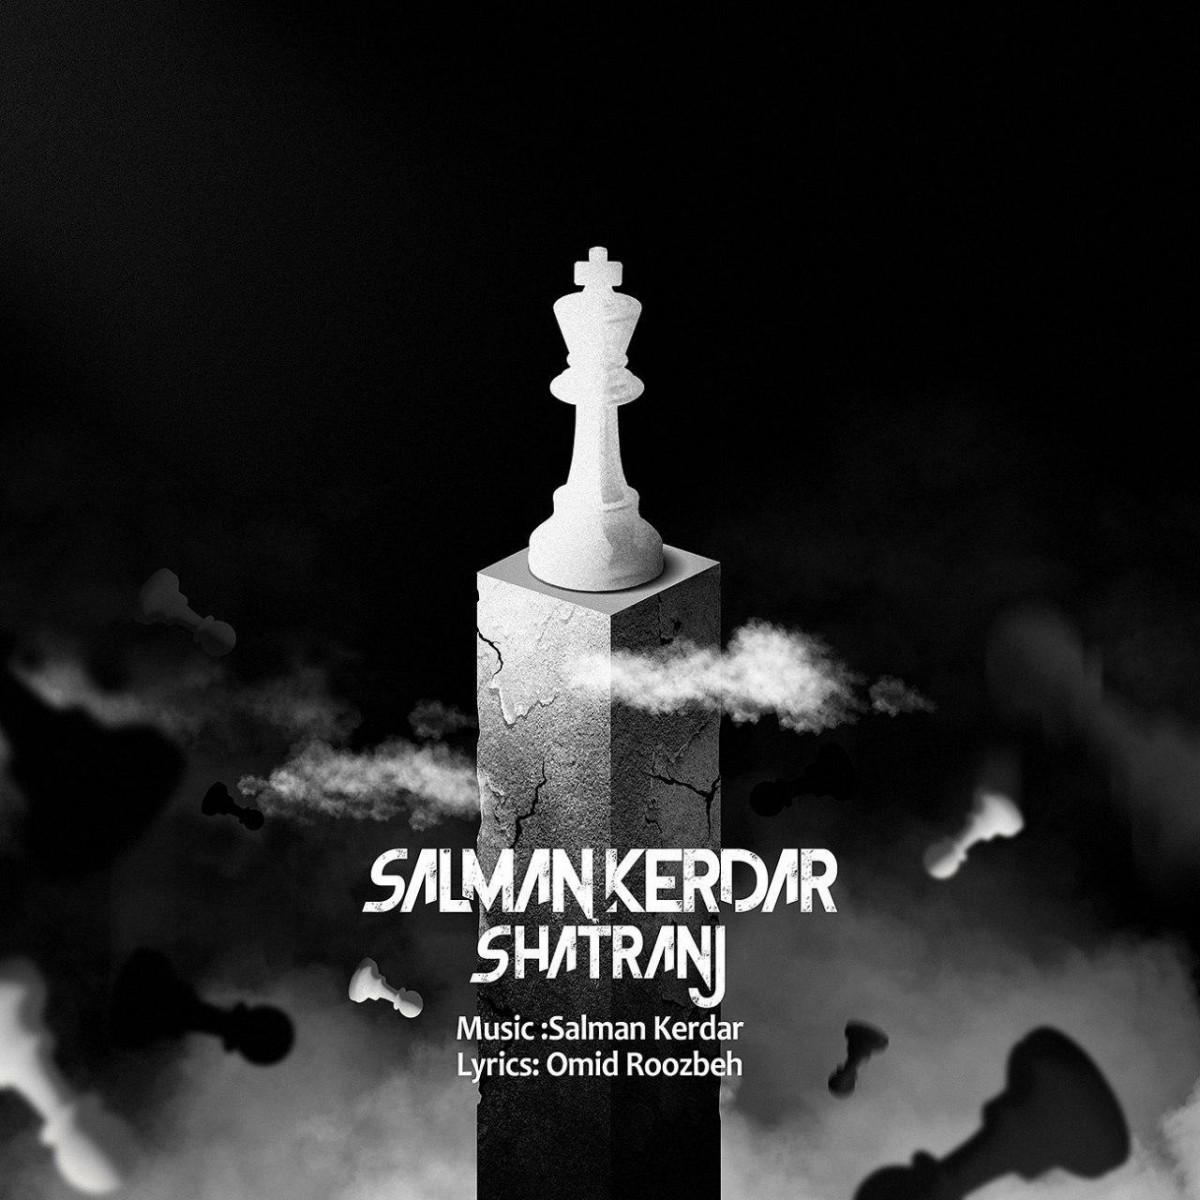 نامبر وان موزیک   دانلود آهنگ جدید Salman-Kerdar-Shatranj